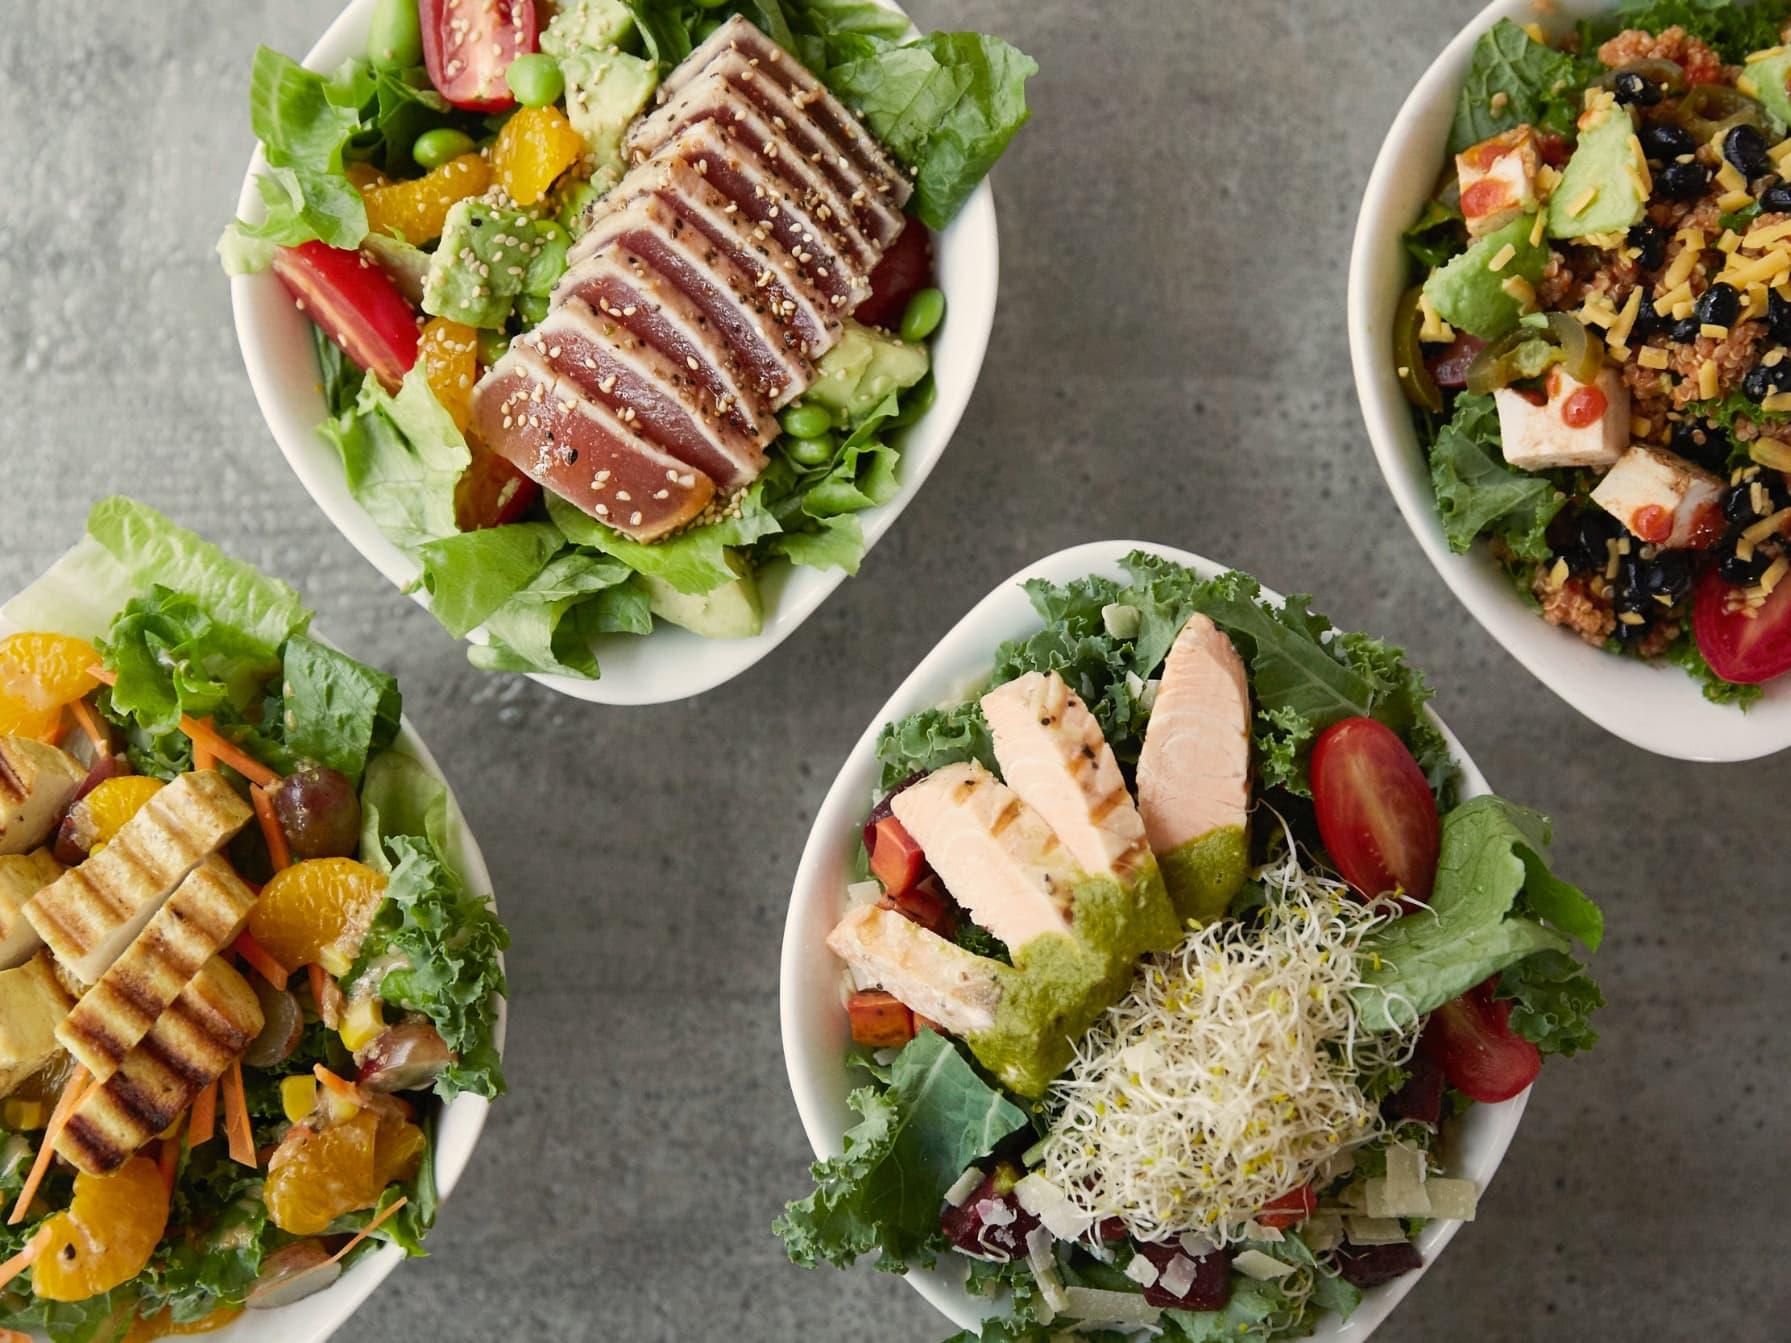 $10 Cash Voucher at SaladStop! - Get Deals, Cashback and Rewards with ShopBack GO